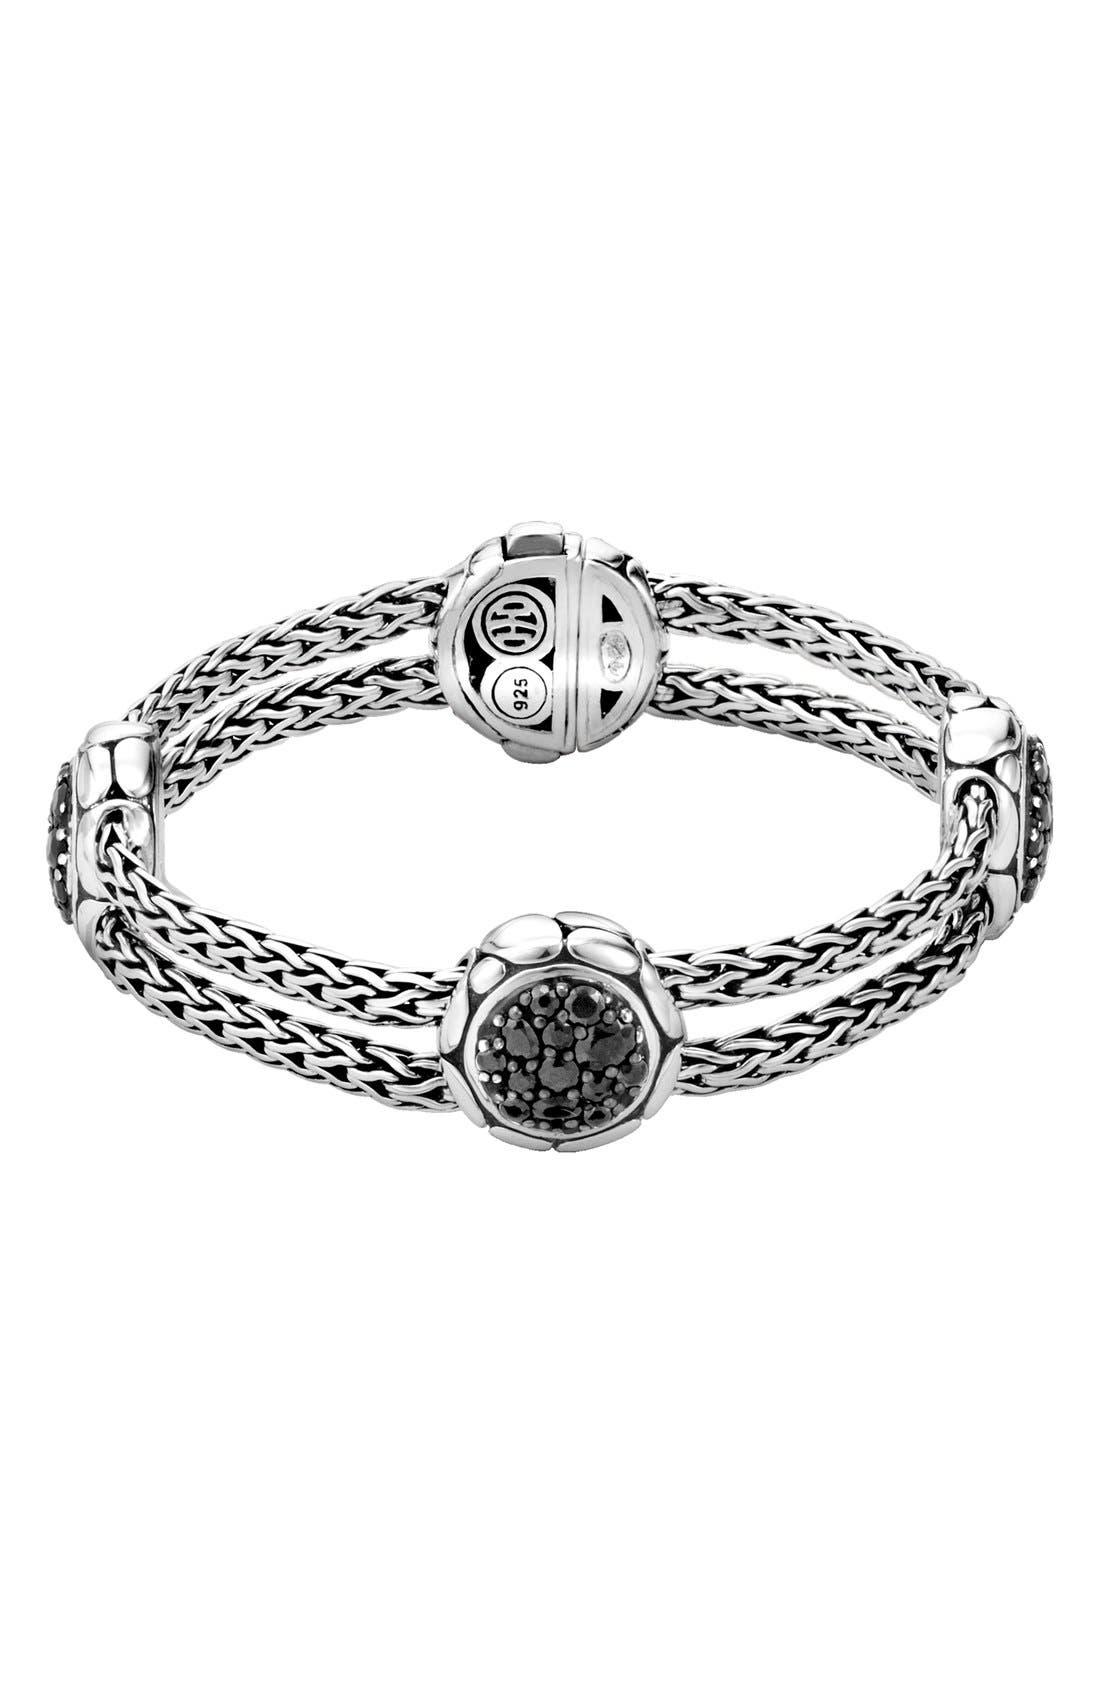 'Kali' Black Sapphire Bracelet,                         Main,                         color, Silver/ Black Sapphire